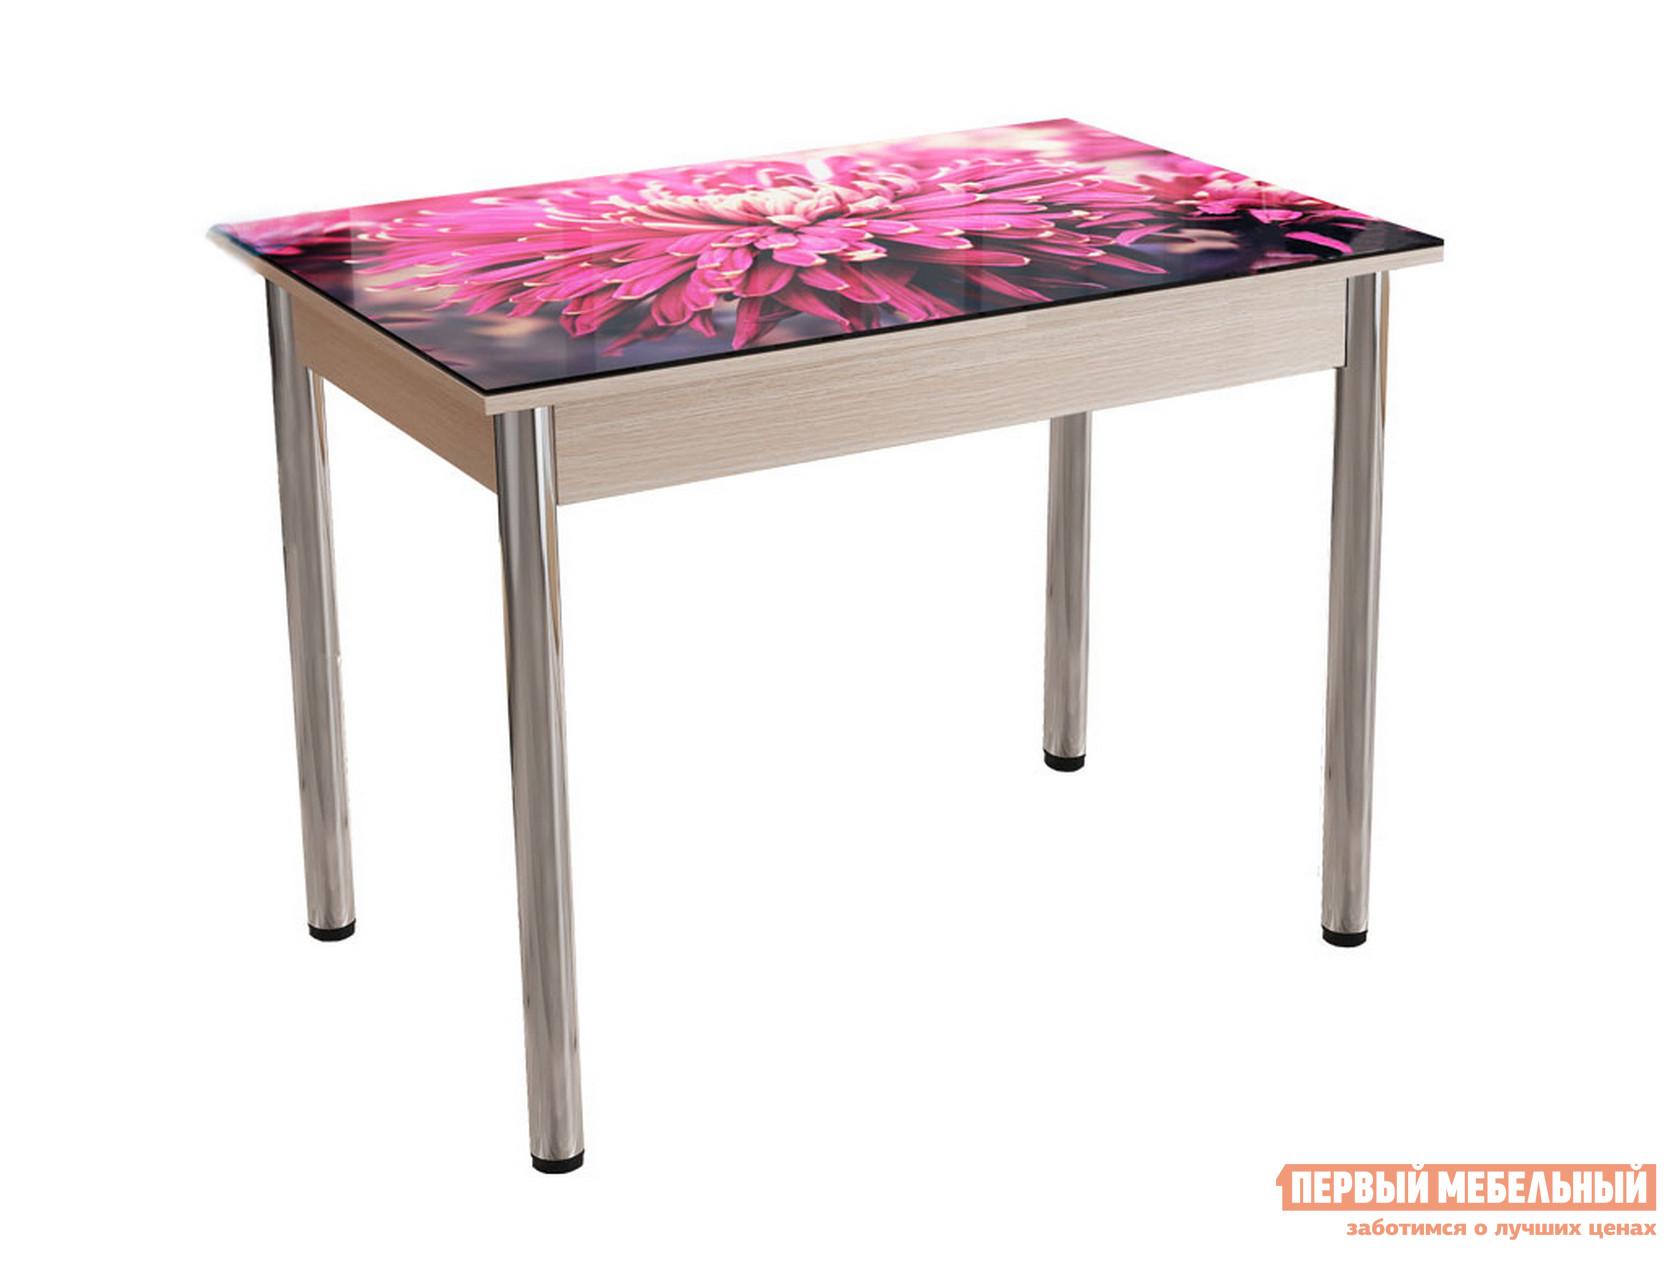 лучшая цена Обеденный стол Первый Мебельный Стол обеденный Белла